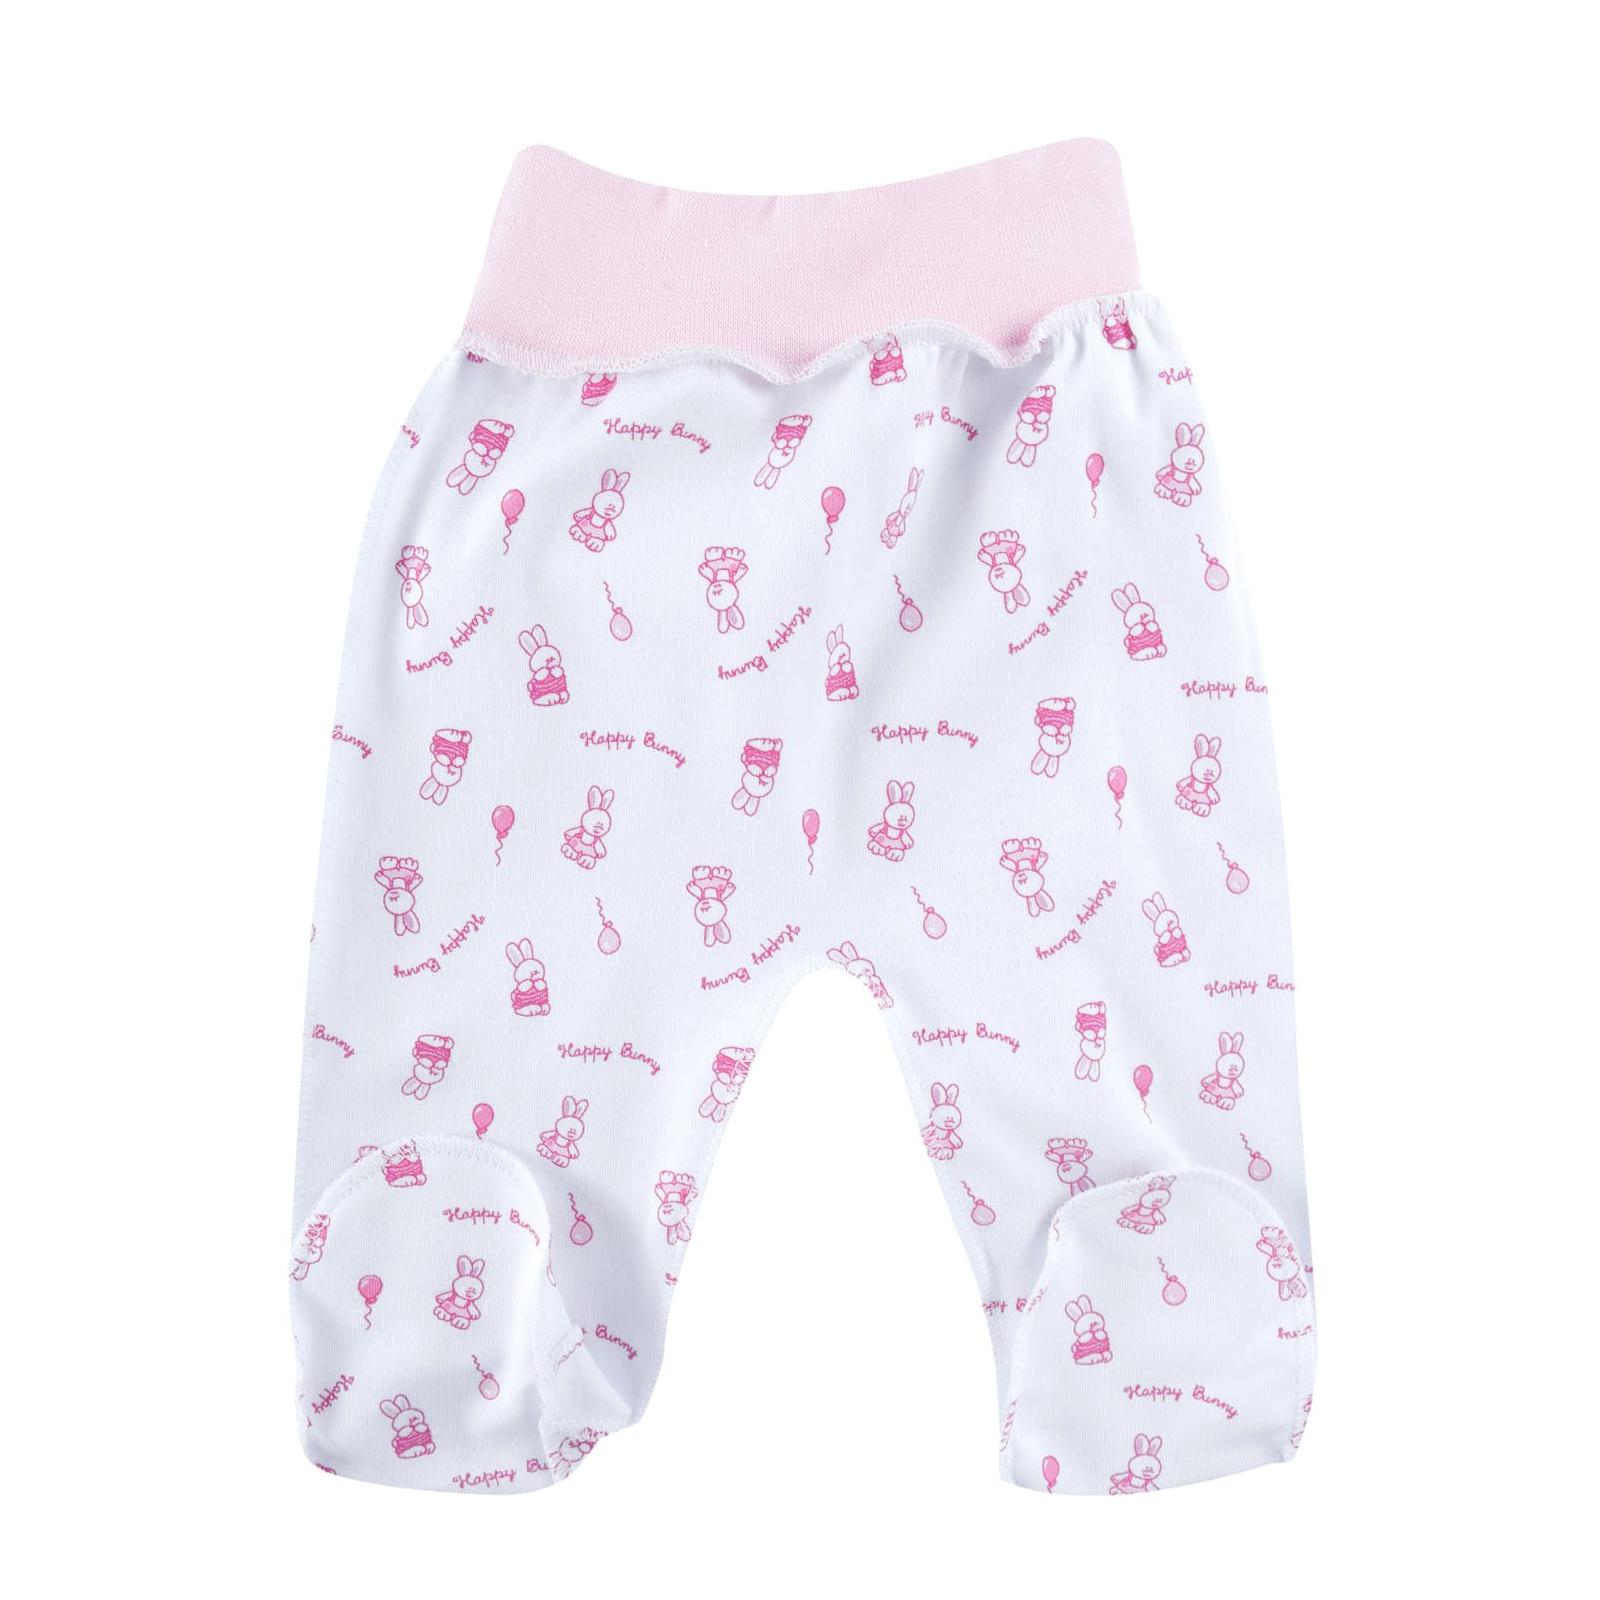 Ползунки на поясе КОТМАРКОТ для девочки, цвет розовый 9-12 мес (размер 80)<br>